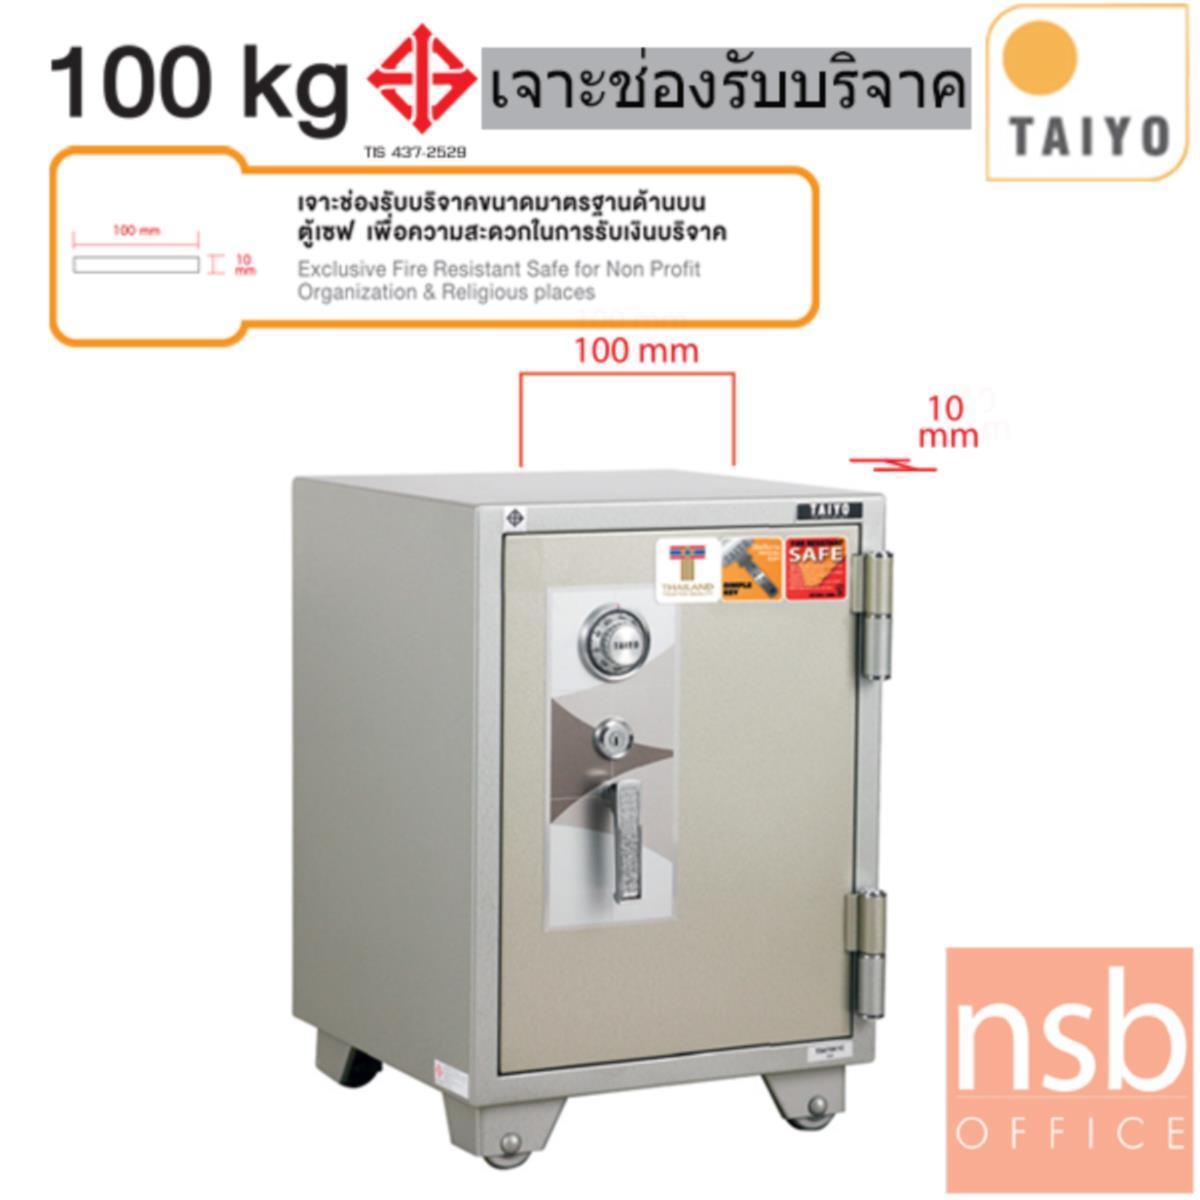 F01A069:ตู้เซฟ TAIYO 100 กก. 1 กุญแจ 1 รหัส TS 670 K1C มอก.   เจาะช่องบริจาก